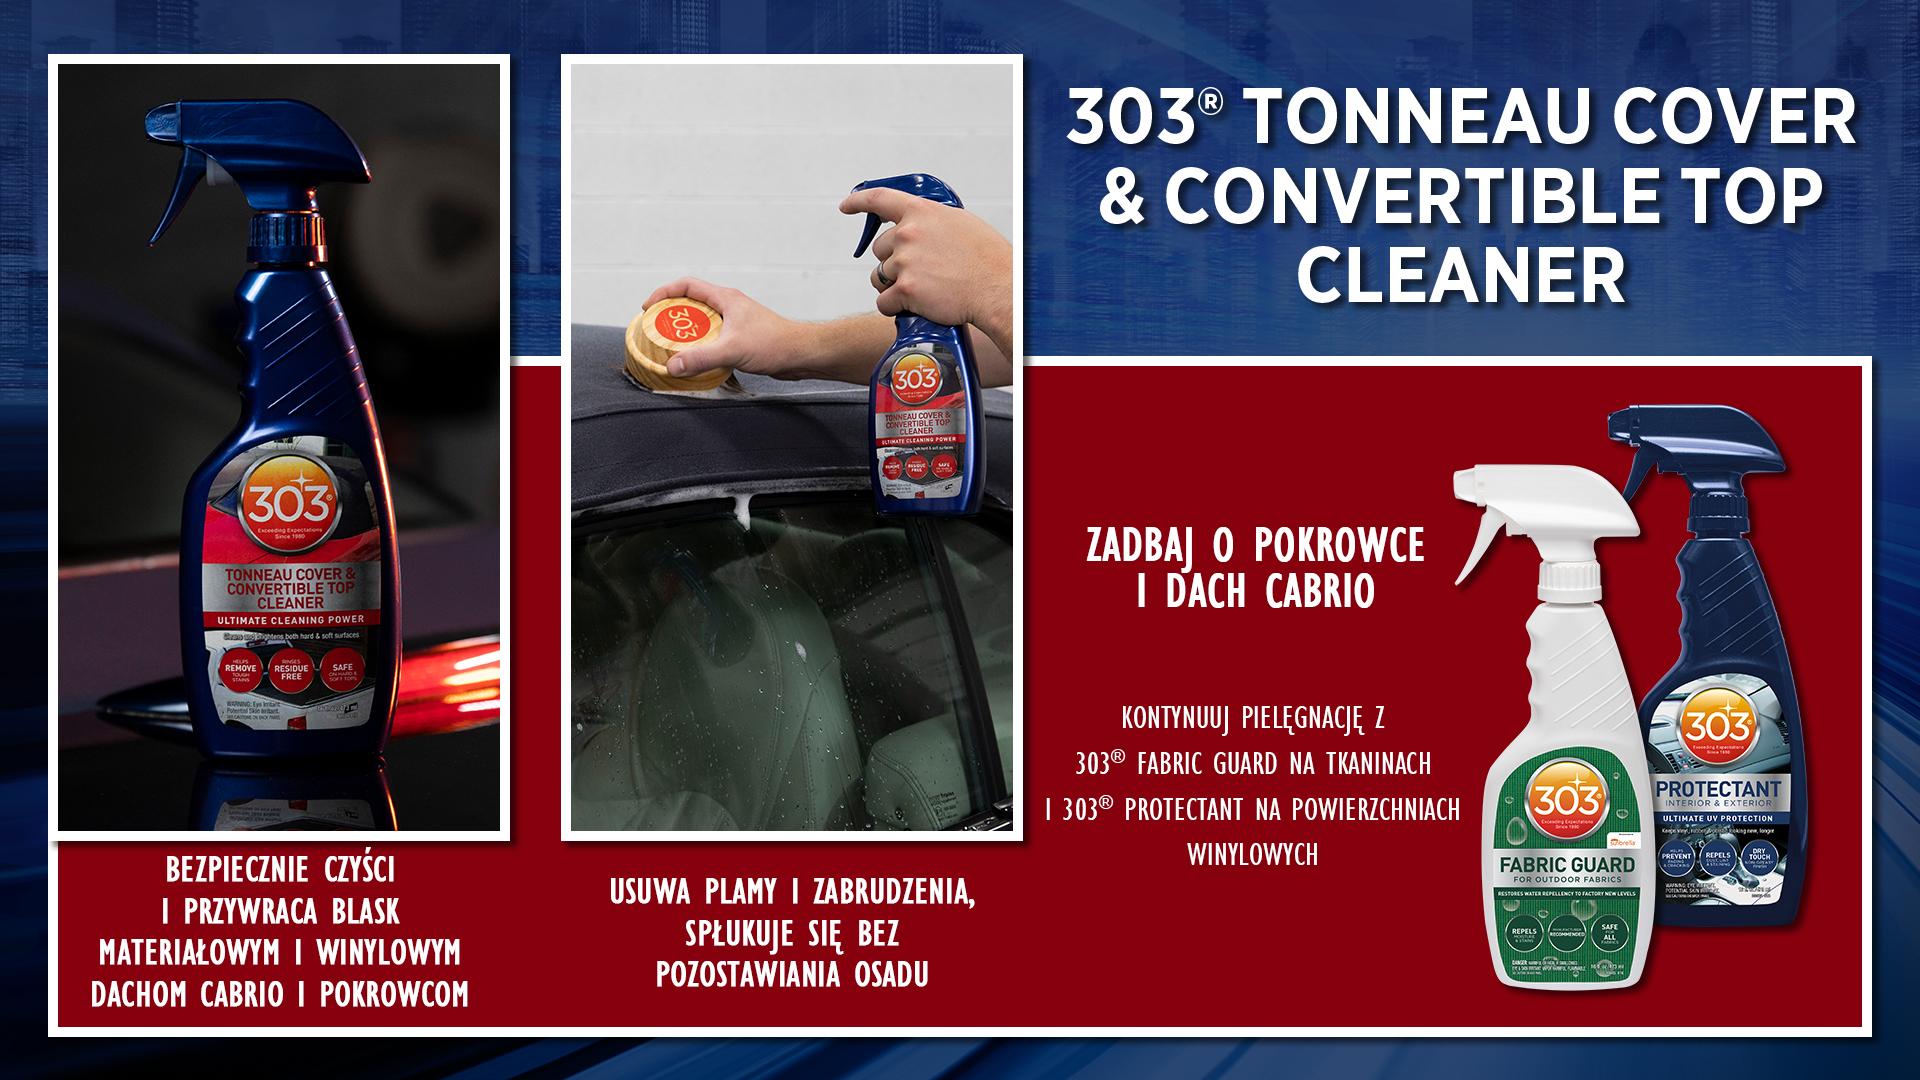 303 Tonneau Cover Infographic 1920x1080 pl.jpg